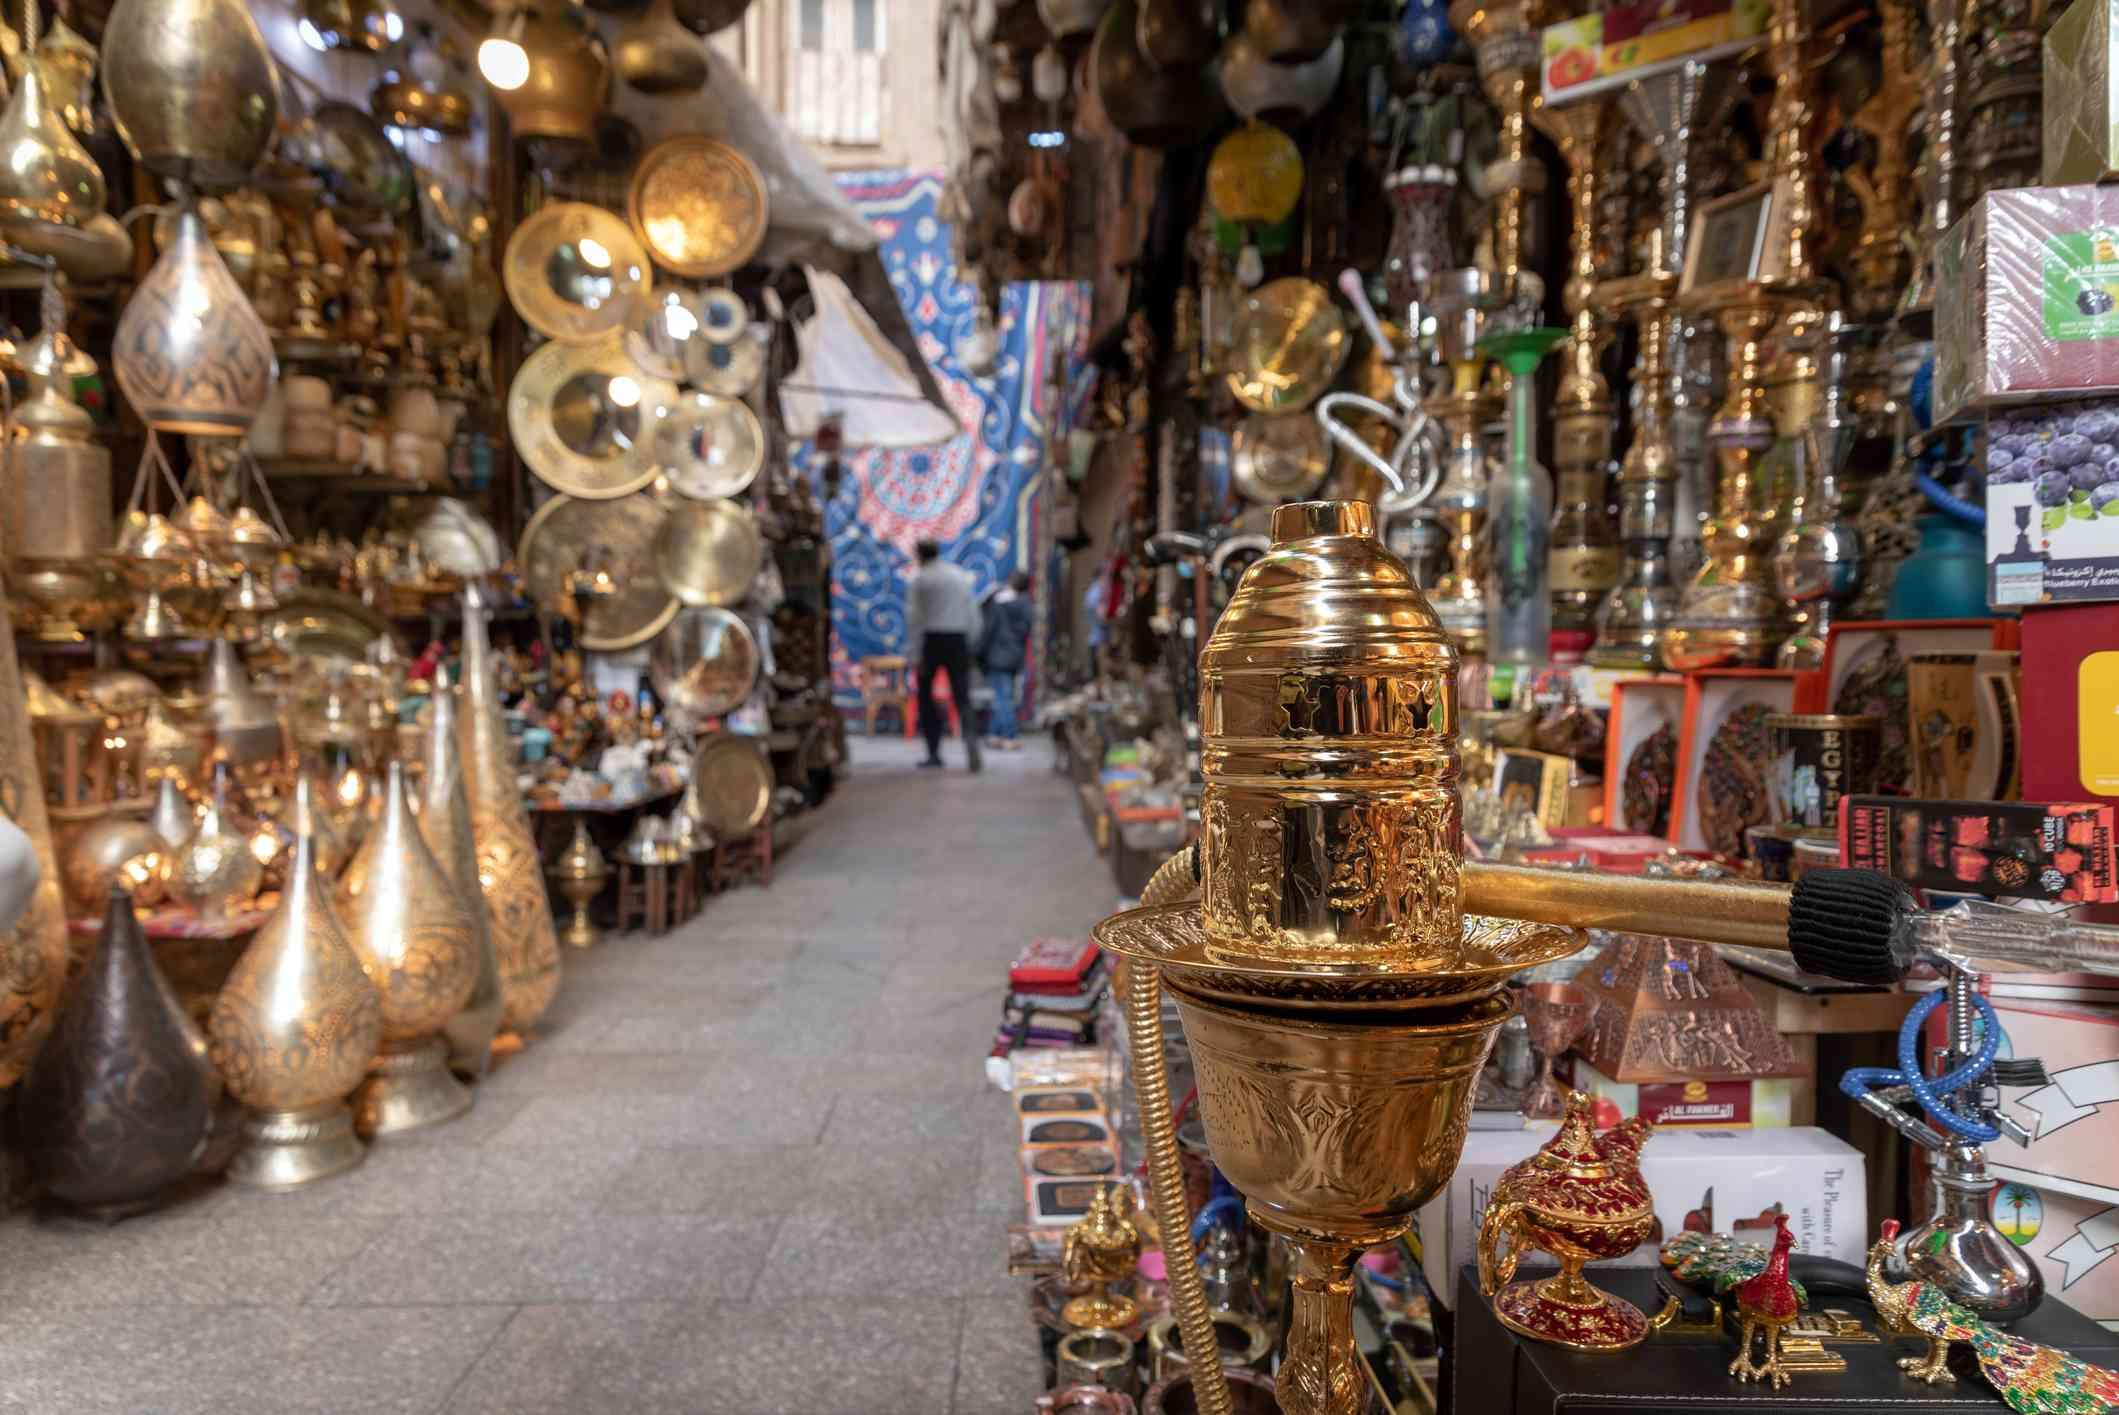 Shops in Khan el-Khalili in Cairo, Egypt